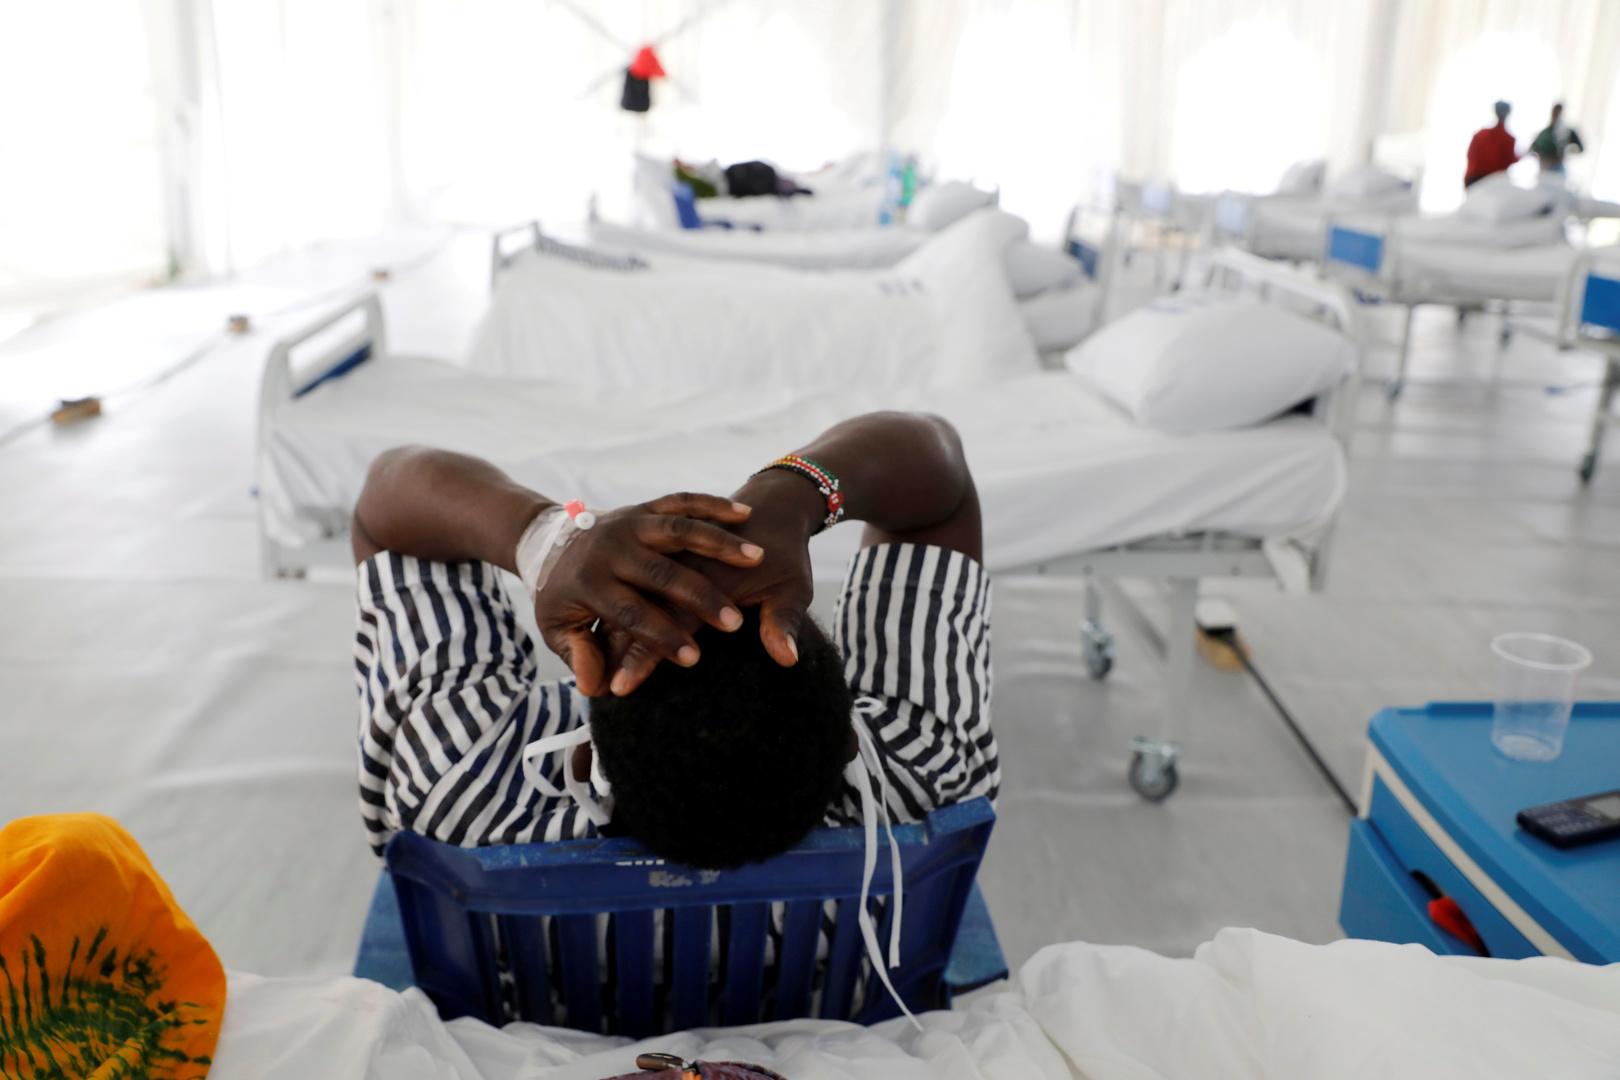 أمريكا تمنح مصر 250 جهاز تنفس لمكافحة كورونا